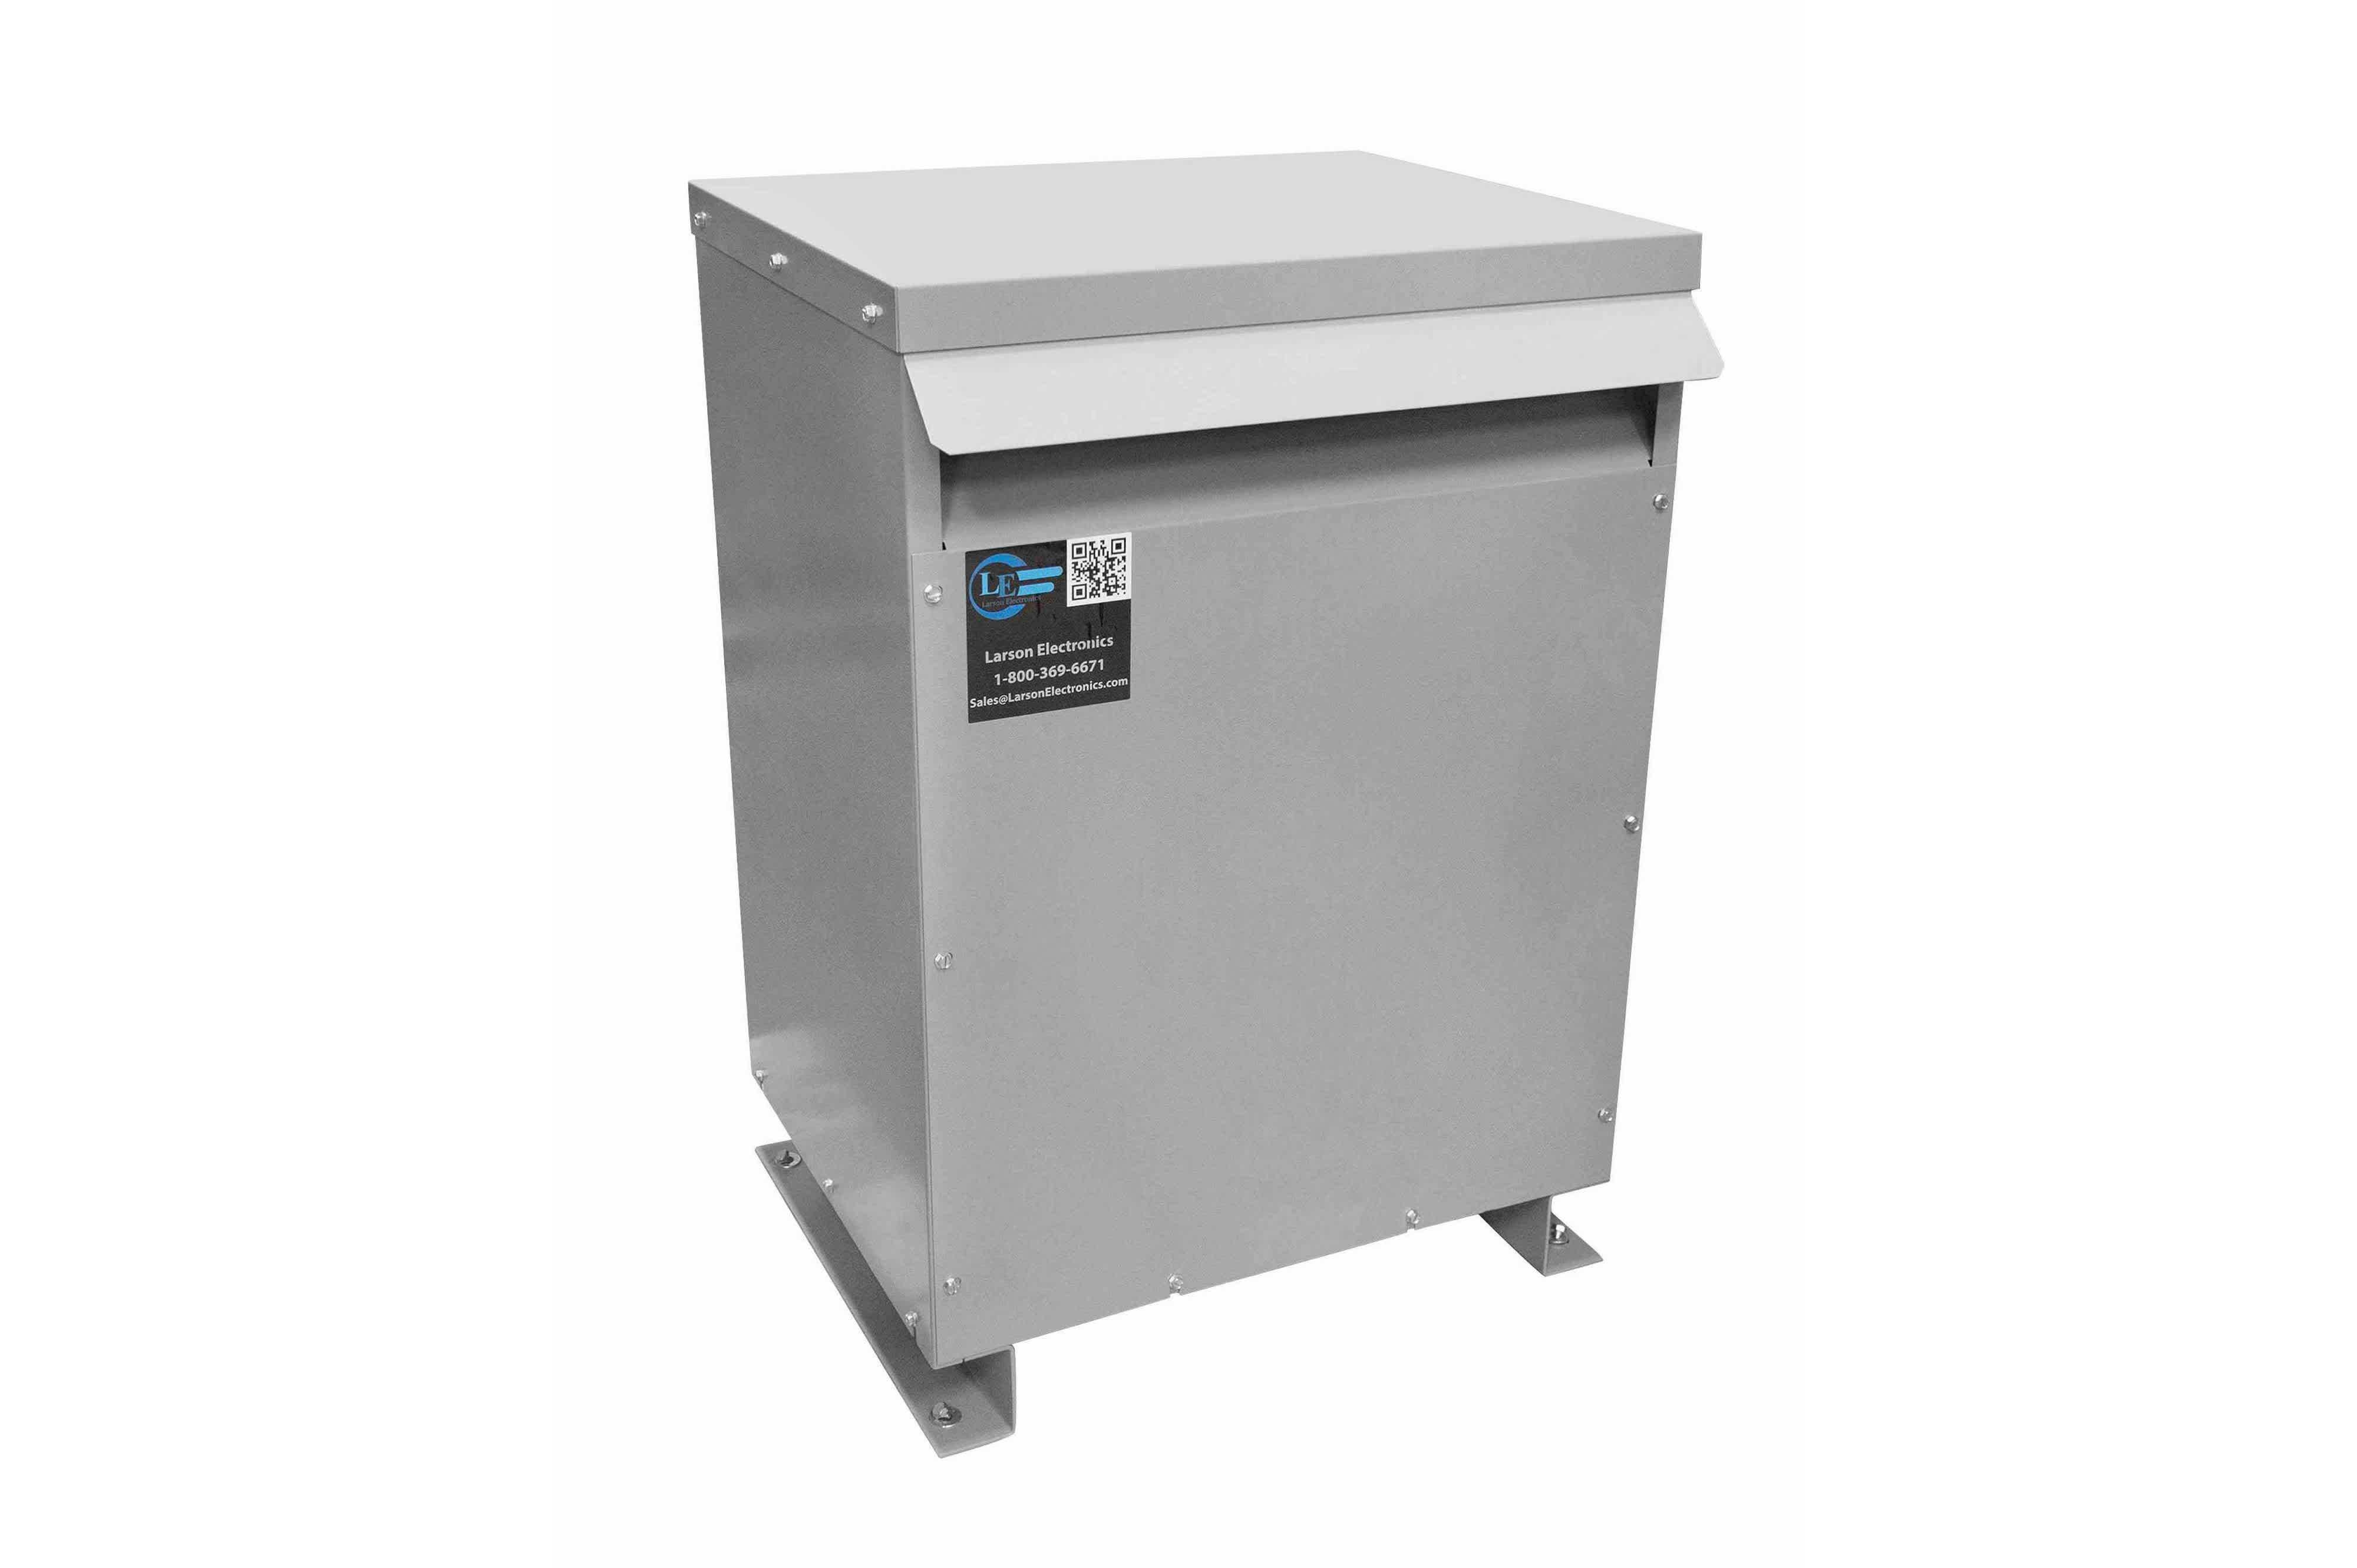 25 kVA 3PH Isolation Transformer, 600V Delta Primary, 480V Delta Secondary, N3R, Ventilated, 60 Hz